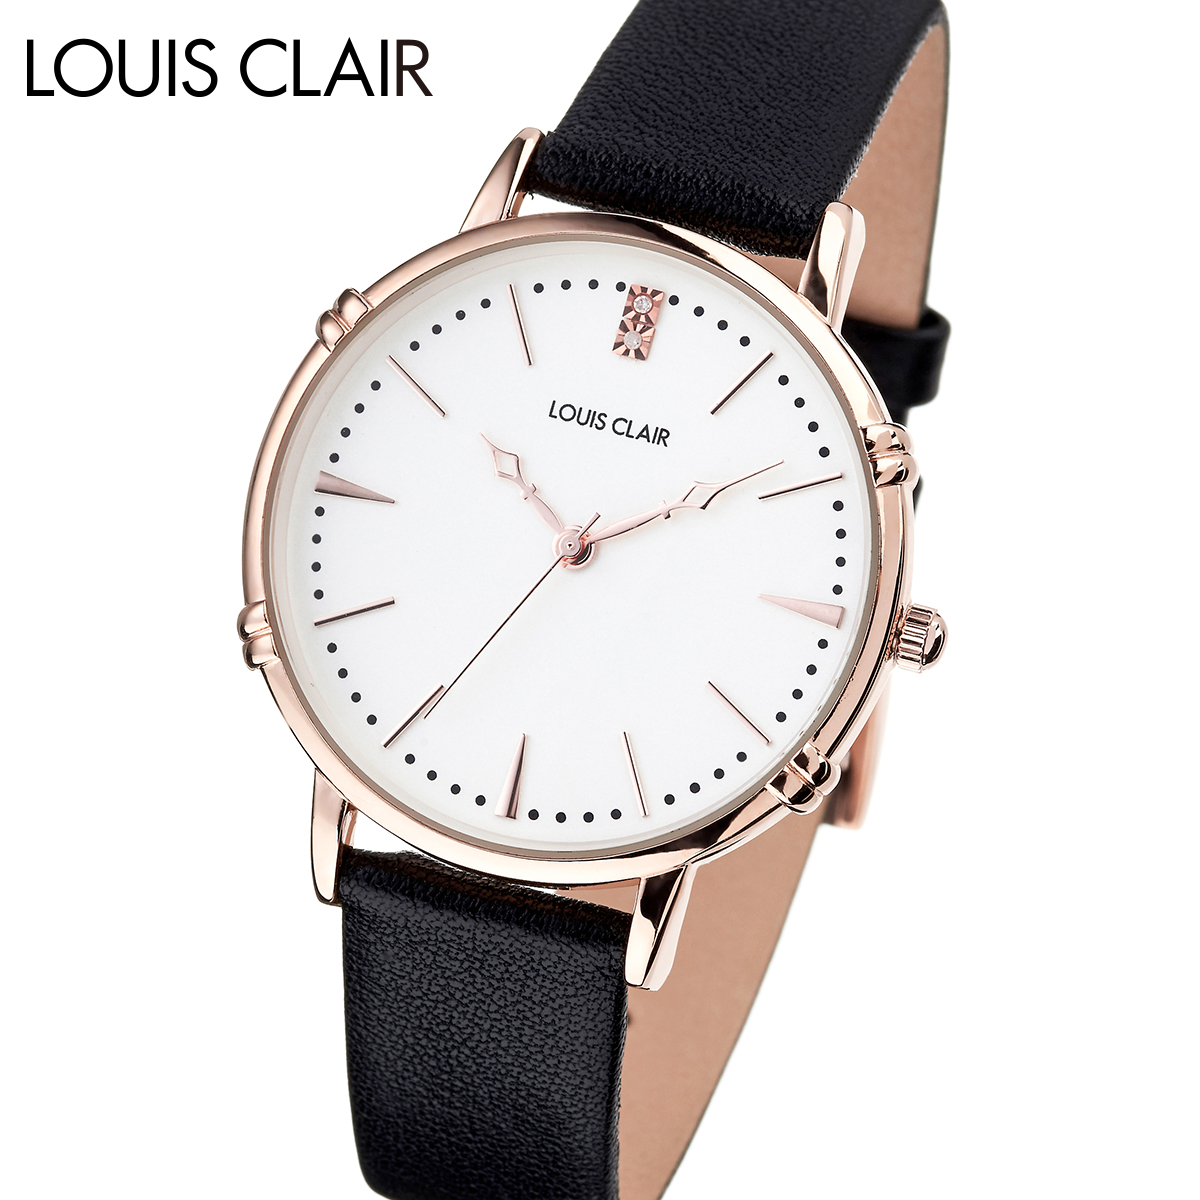 【全品送料無料】 ルイクレール LOUIS CLAIR Rosiers ロジエ CL02-BK レディース 時計 腕時計 クオーツ